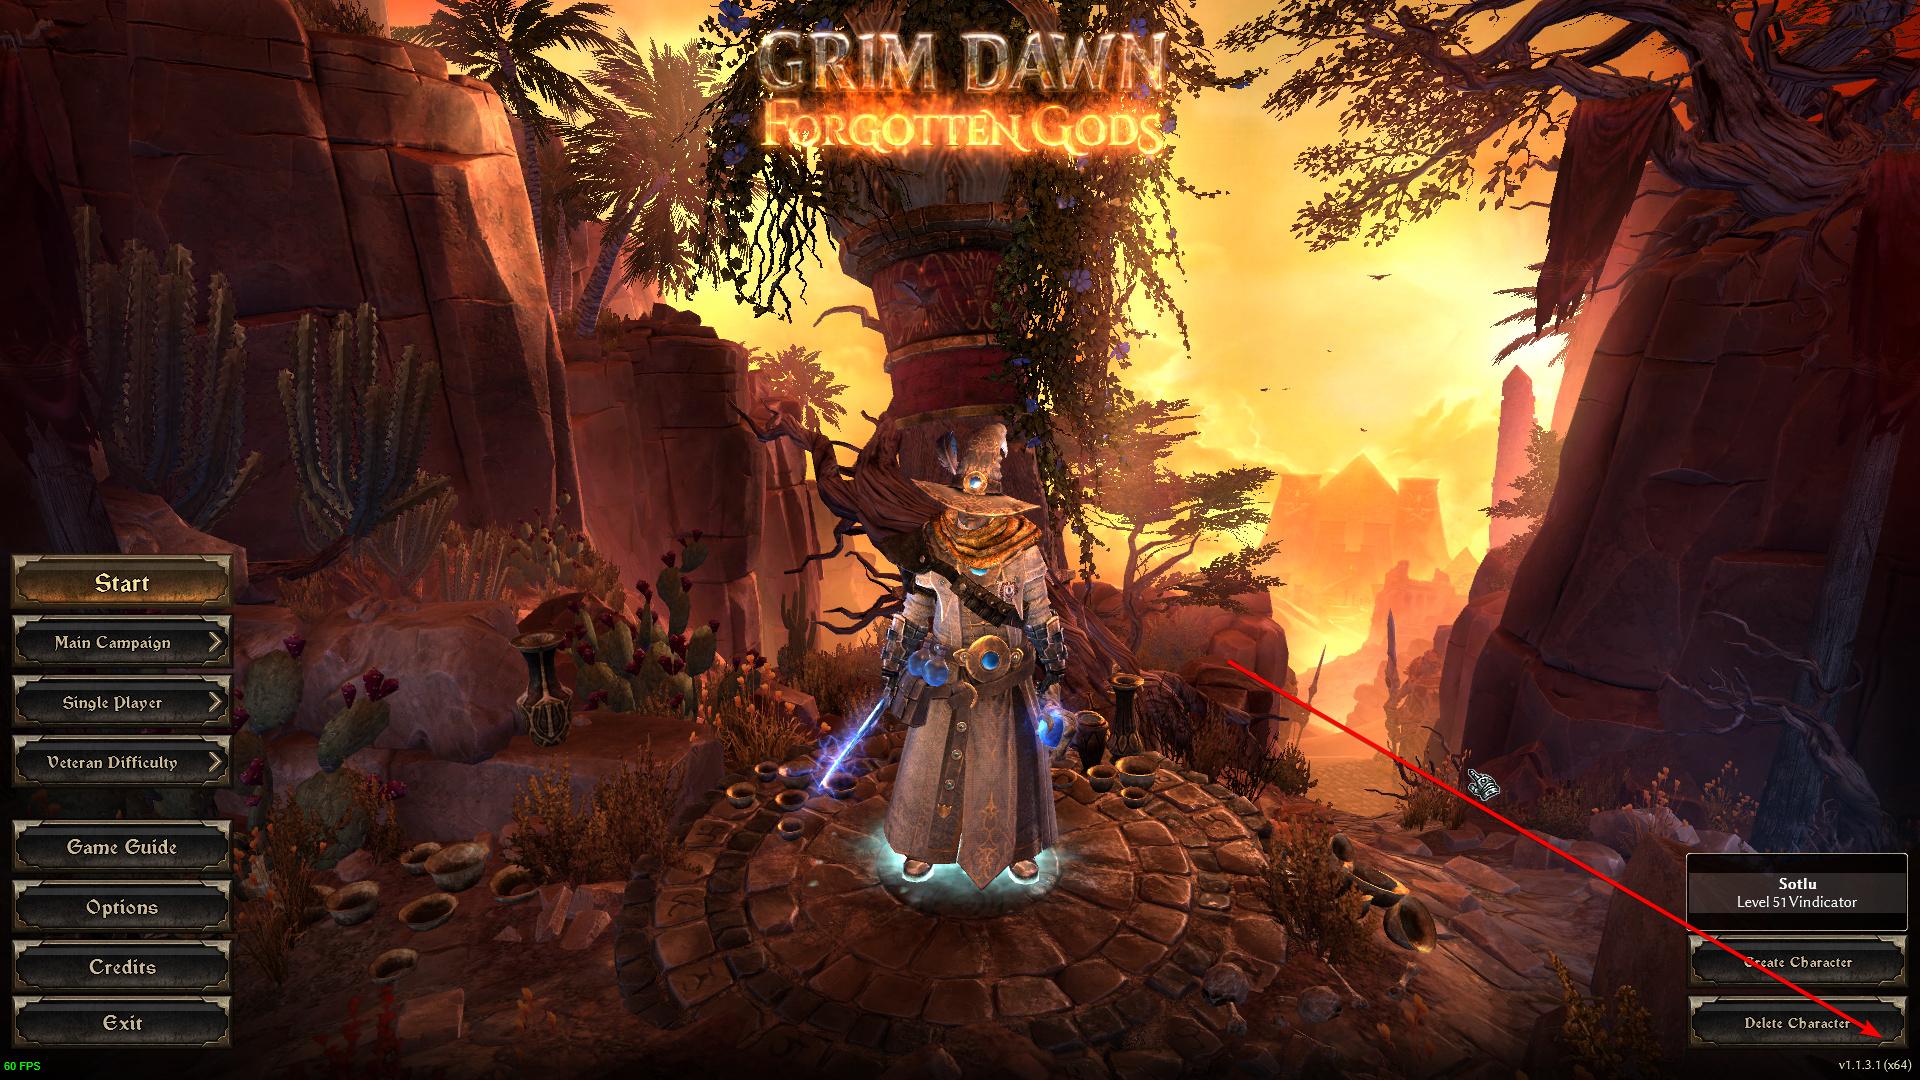 Grim Dawn Version 1 1 3 1 Hotfix 1 - Patch Notes - Crate